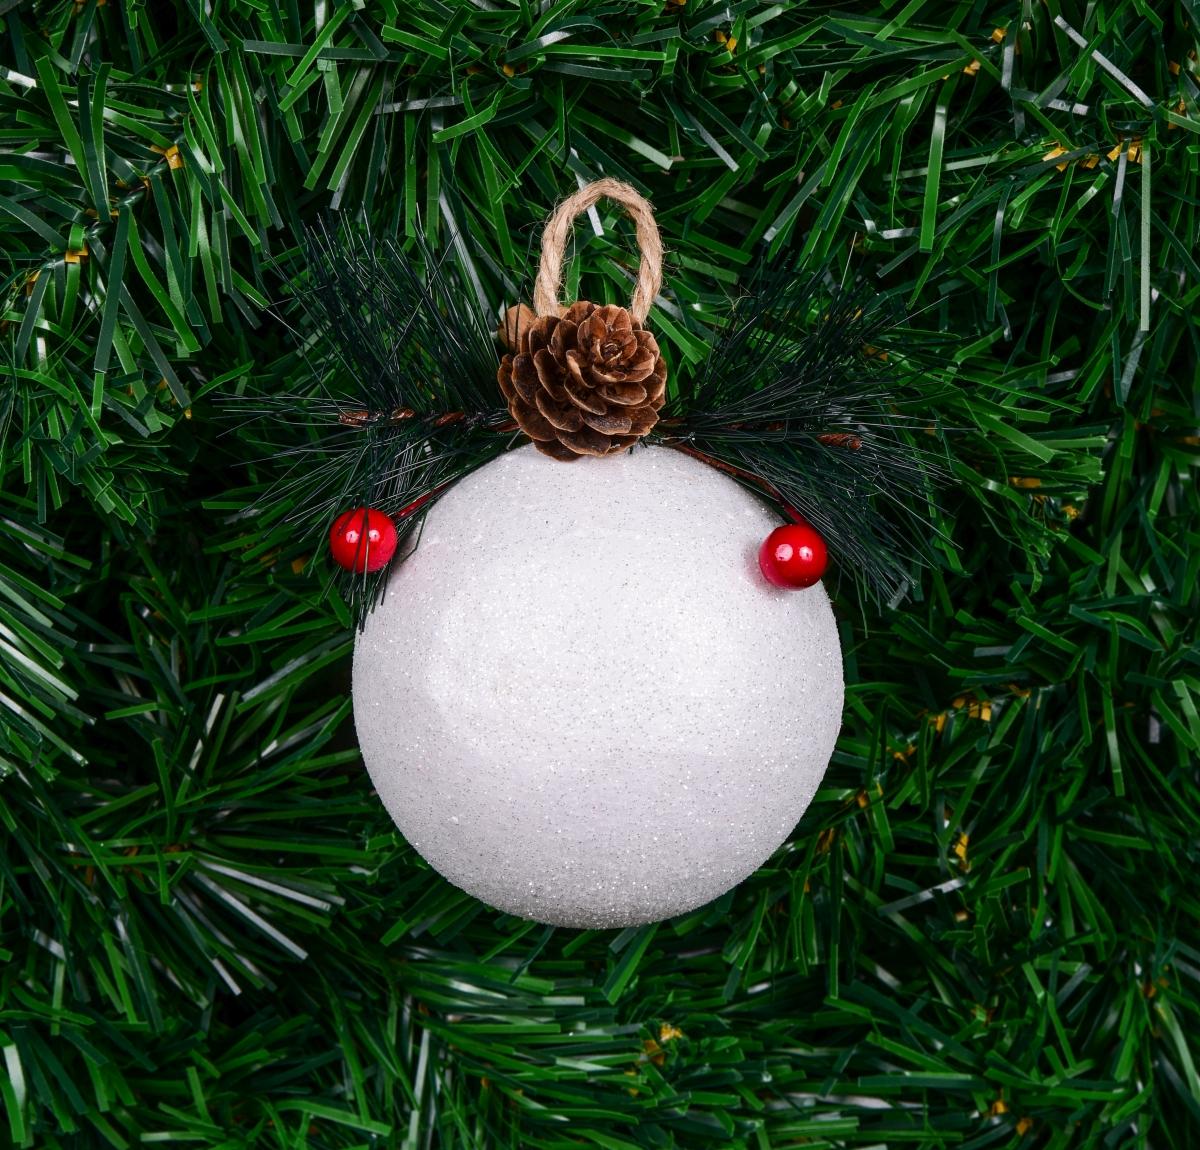 Bílá vánoční koule s přírodní přízdobou